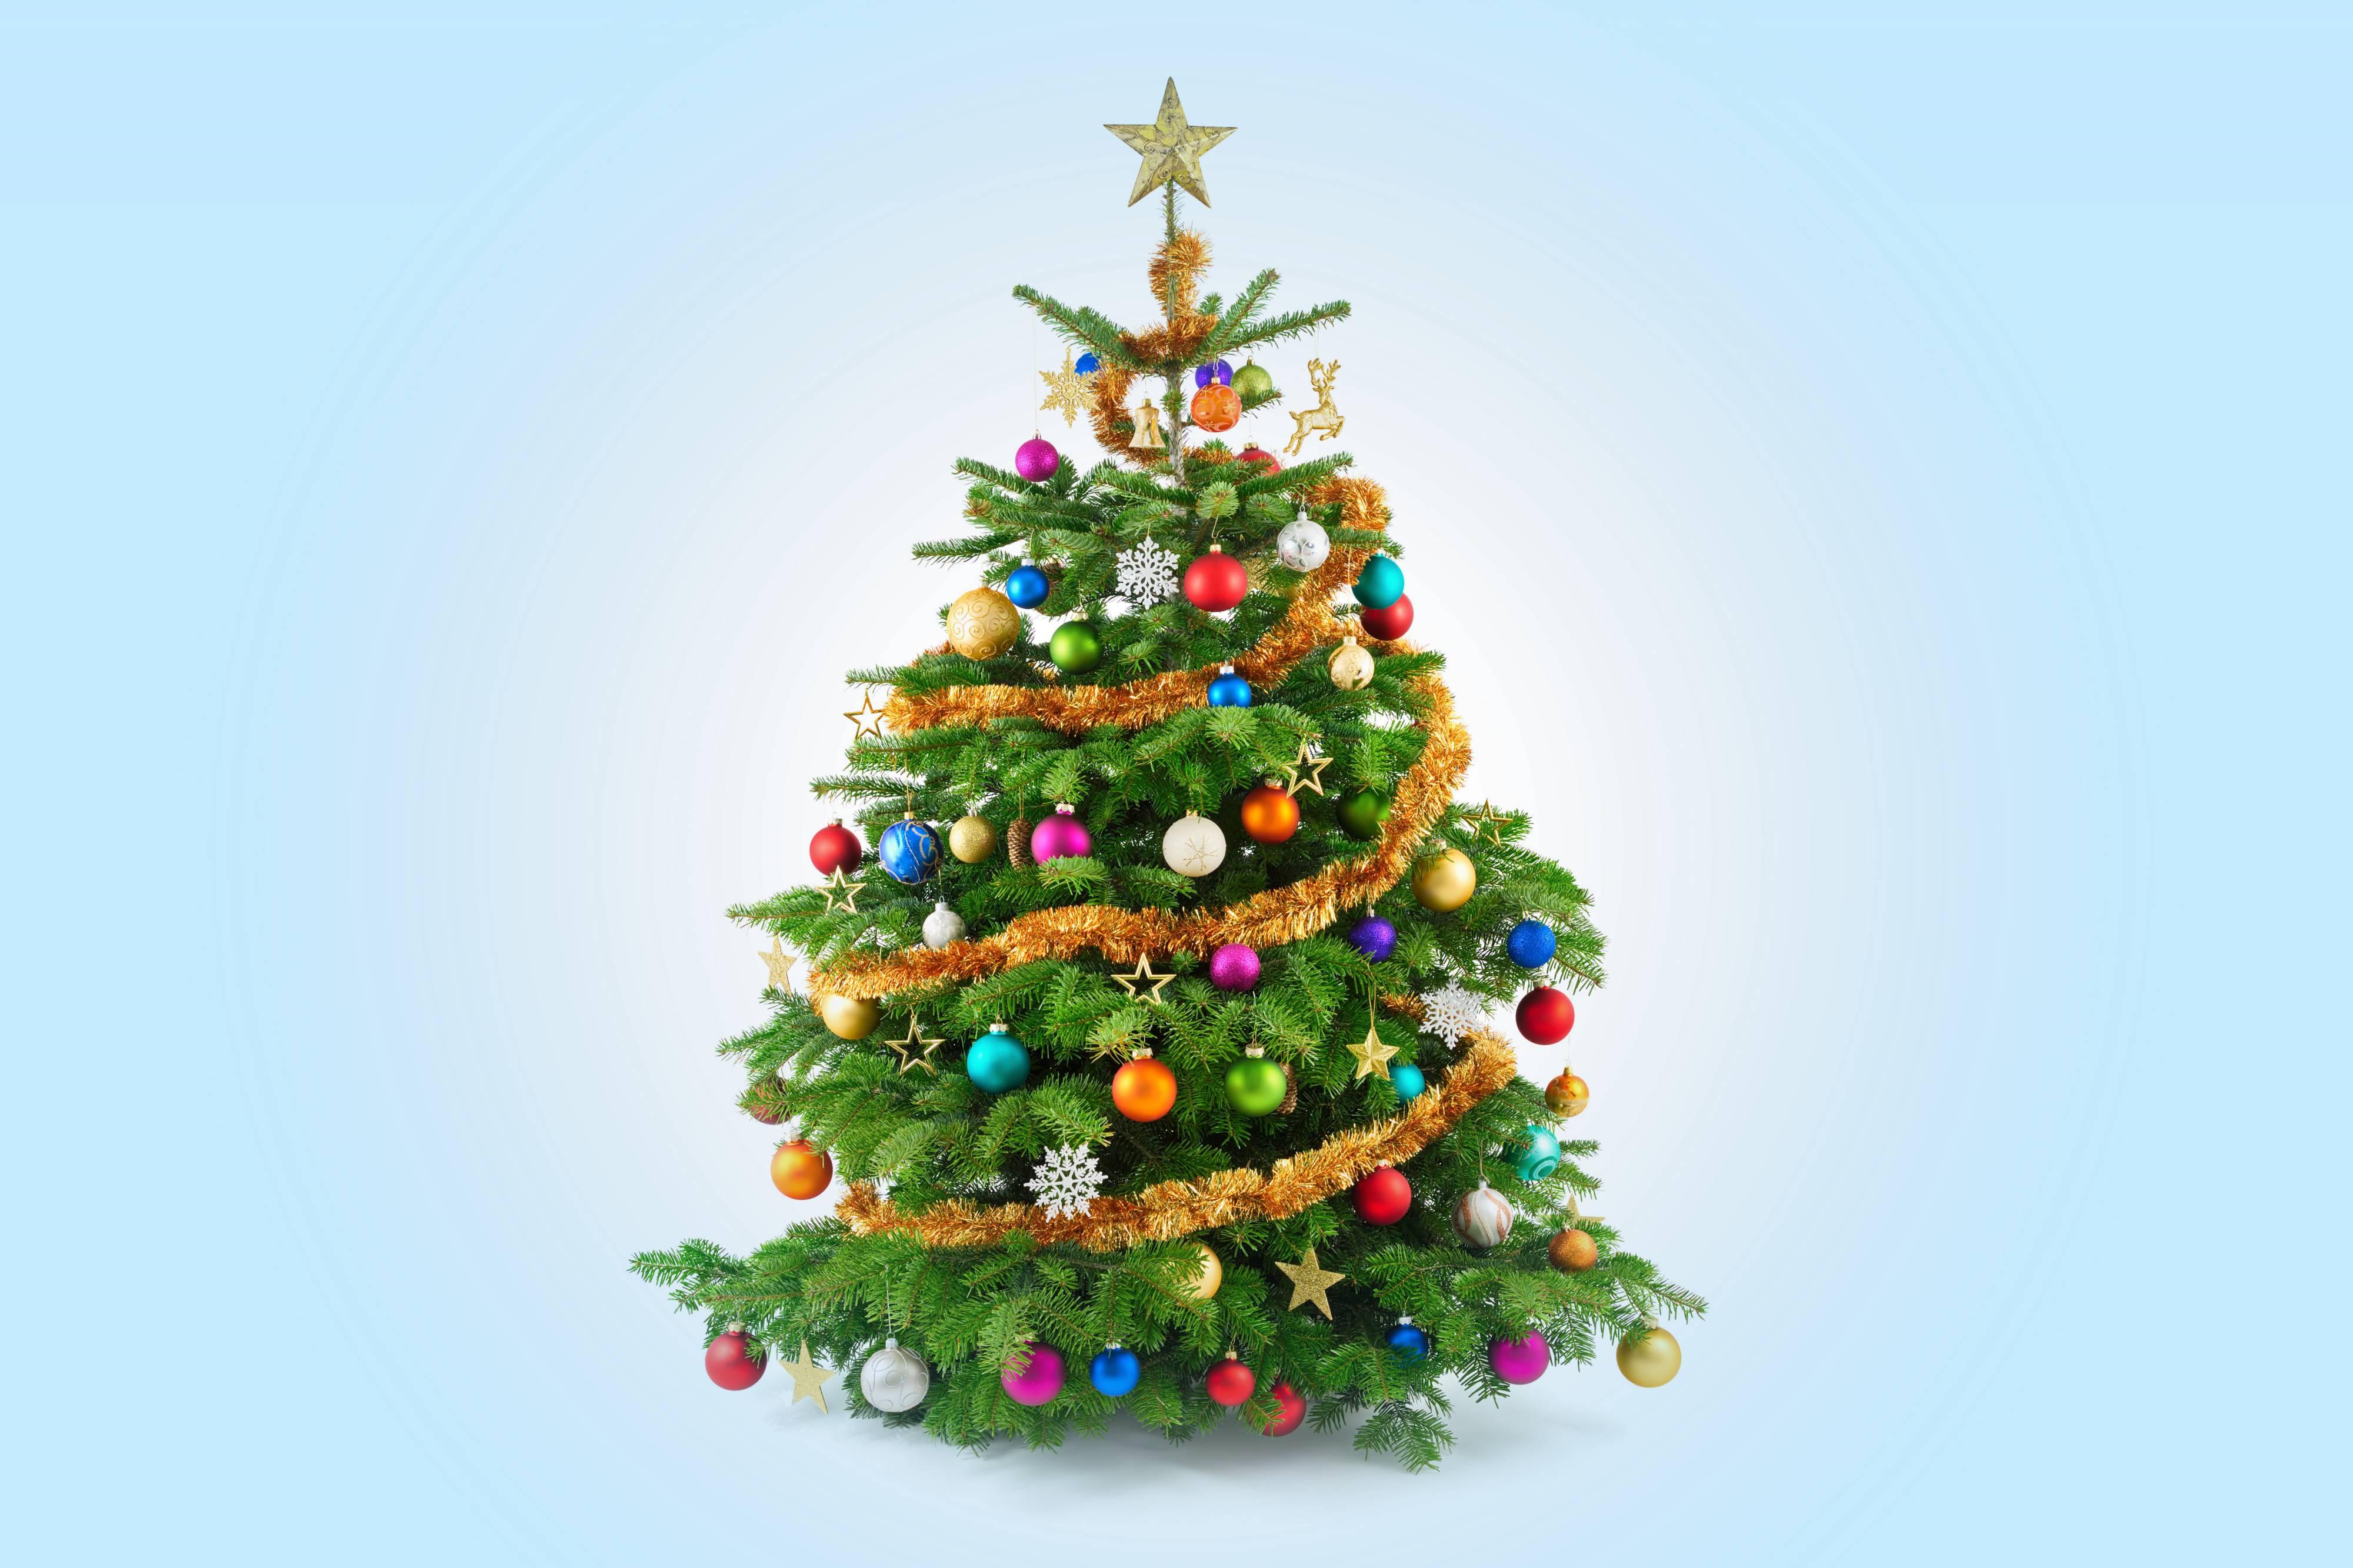 Обои красивая новогодняя елка с украшениями на рабочий стол